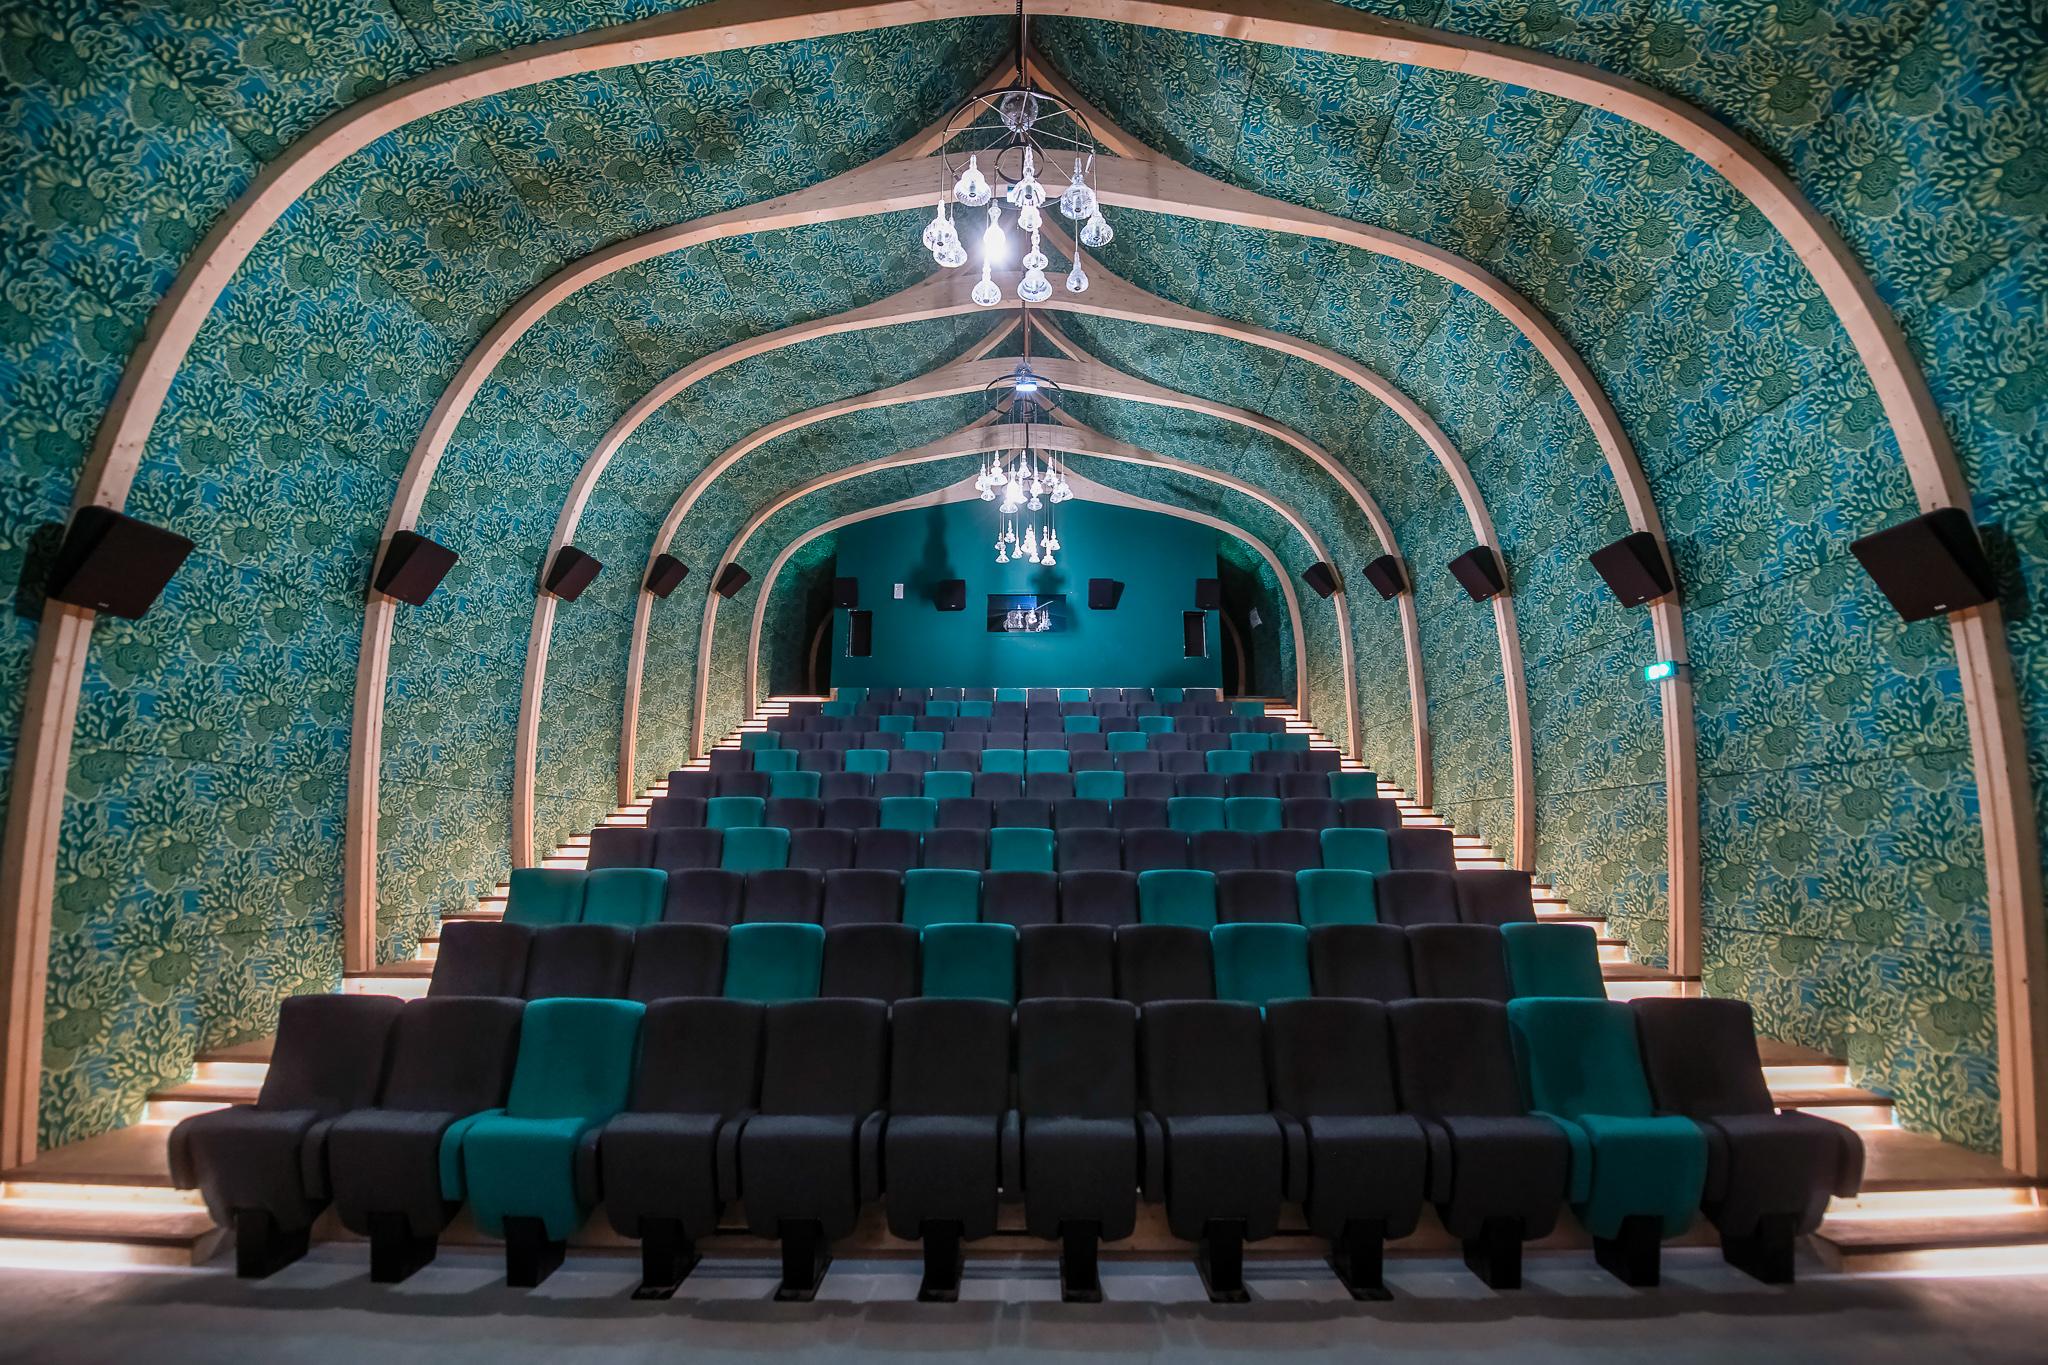 Cinéma La Salamandre_©YLM Picture_11052021_DSC_4820